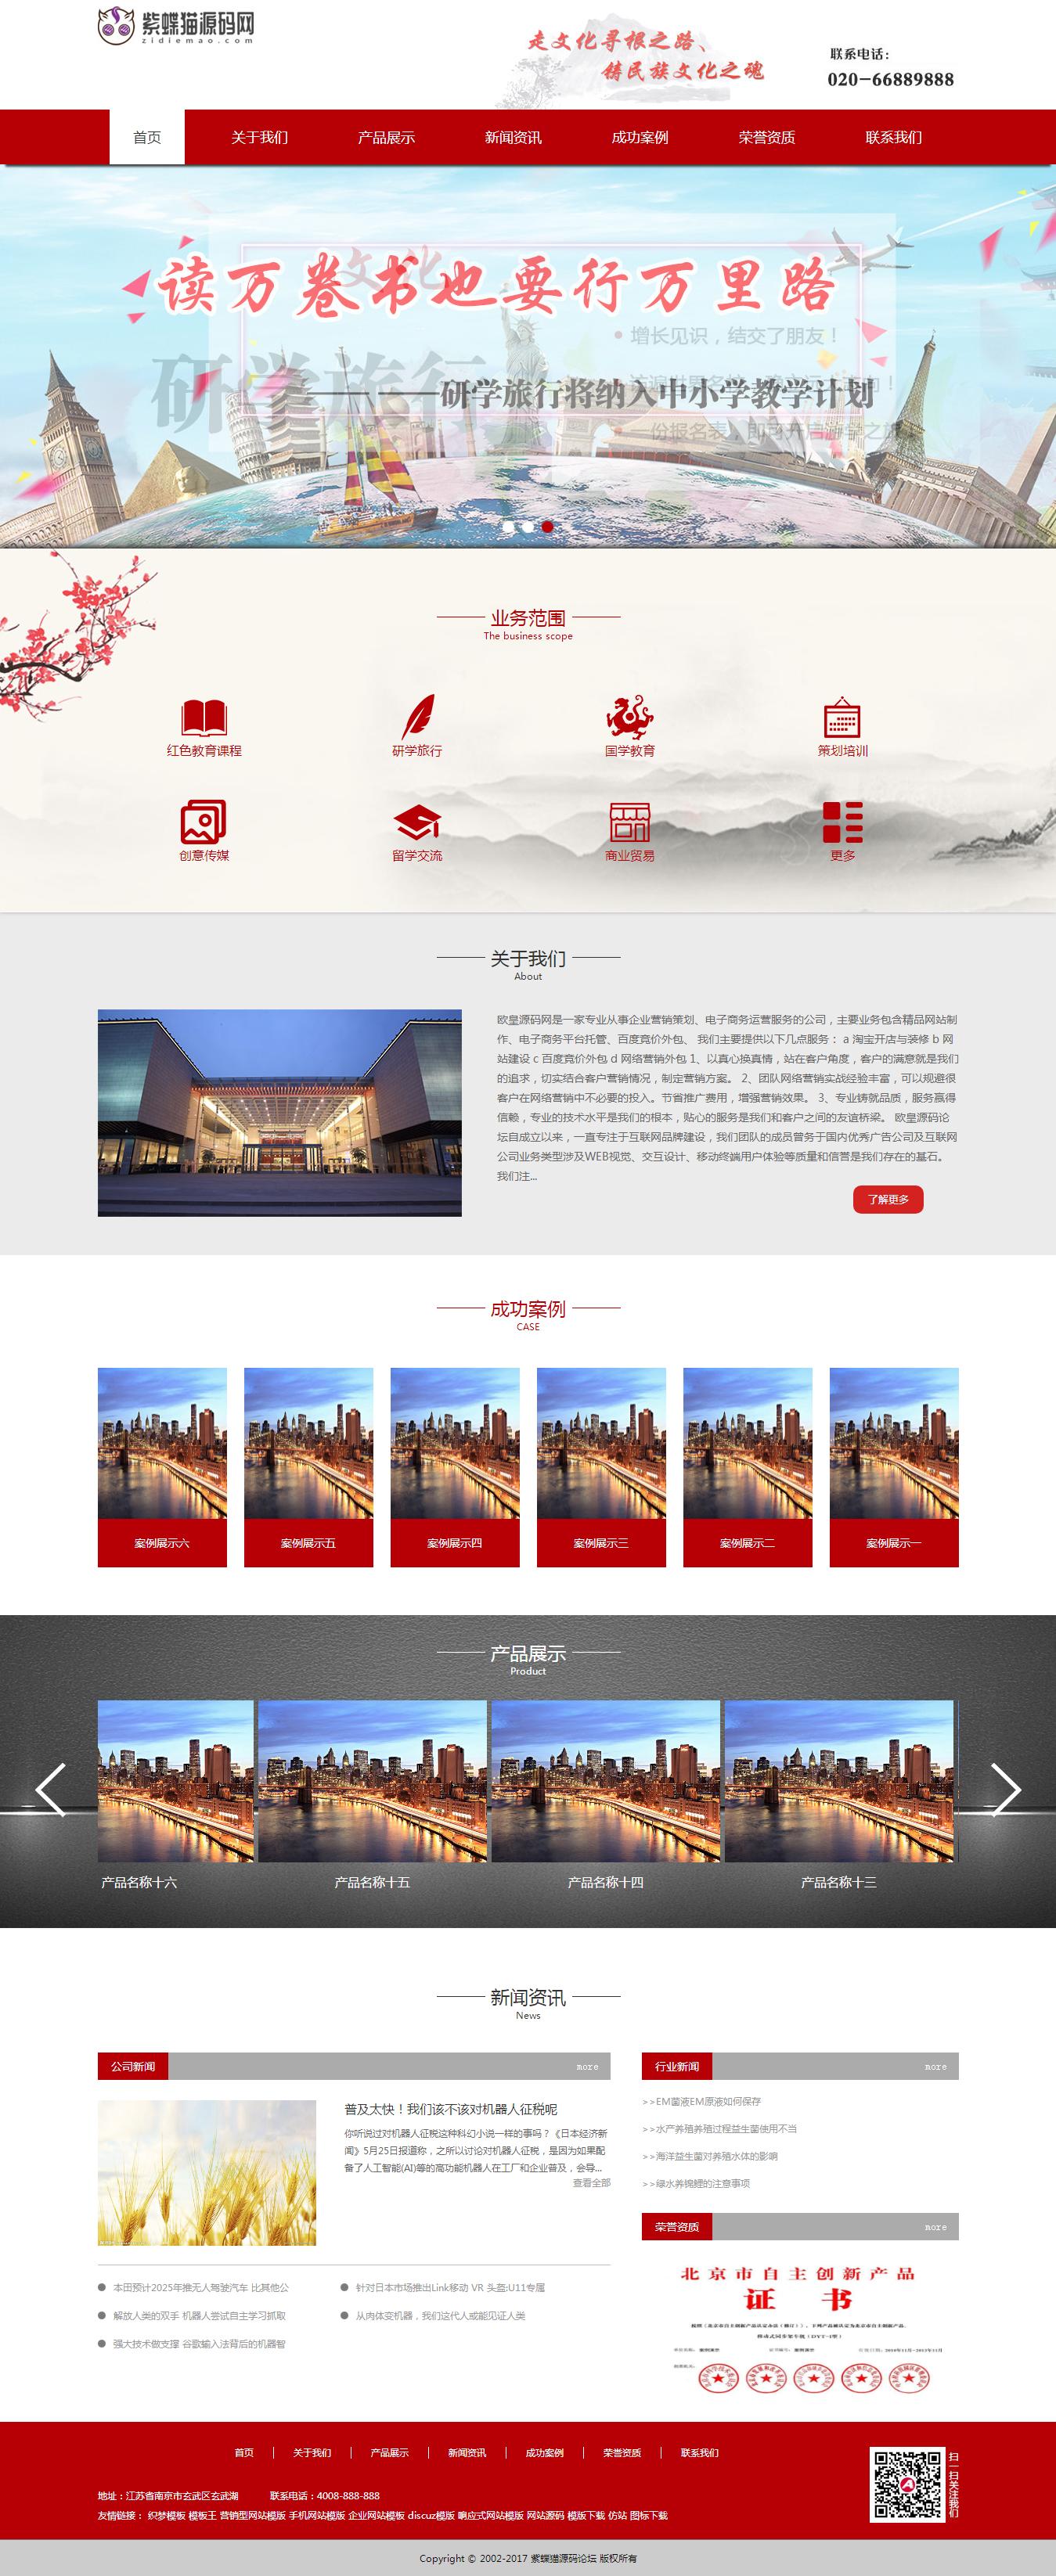 展览活动策划类网站模板